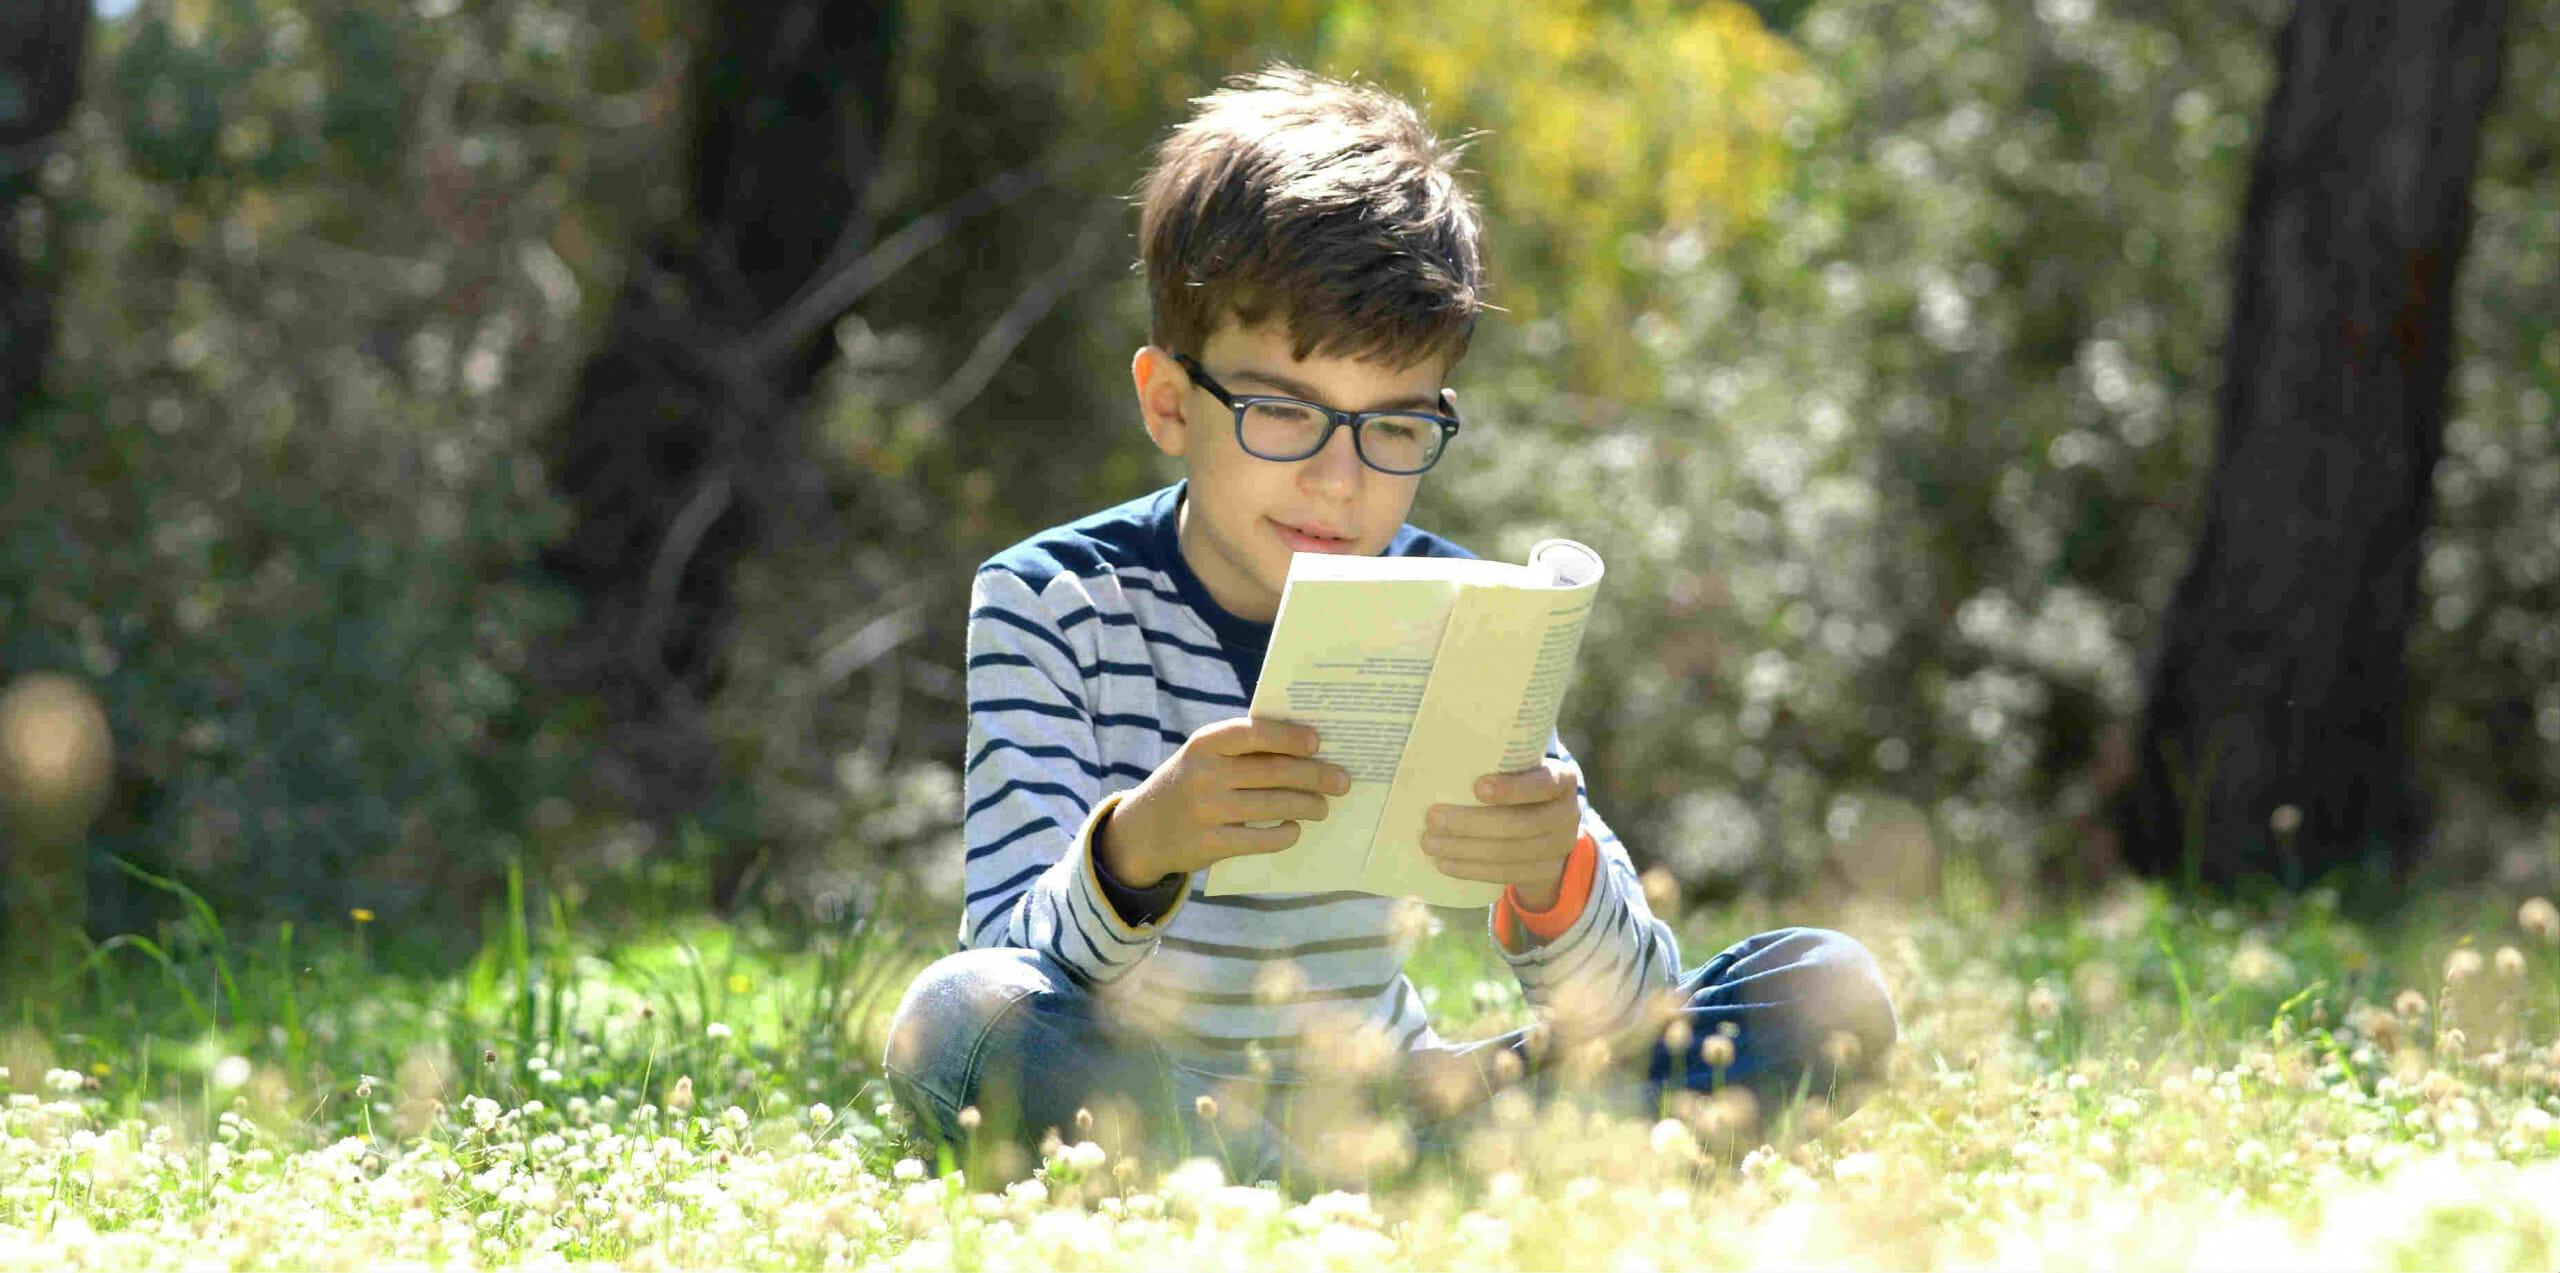 Noi prof e le liste di letture consigliate agli studenti per le vacanze